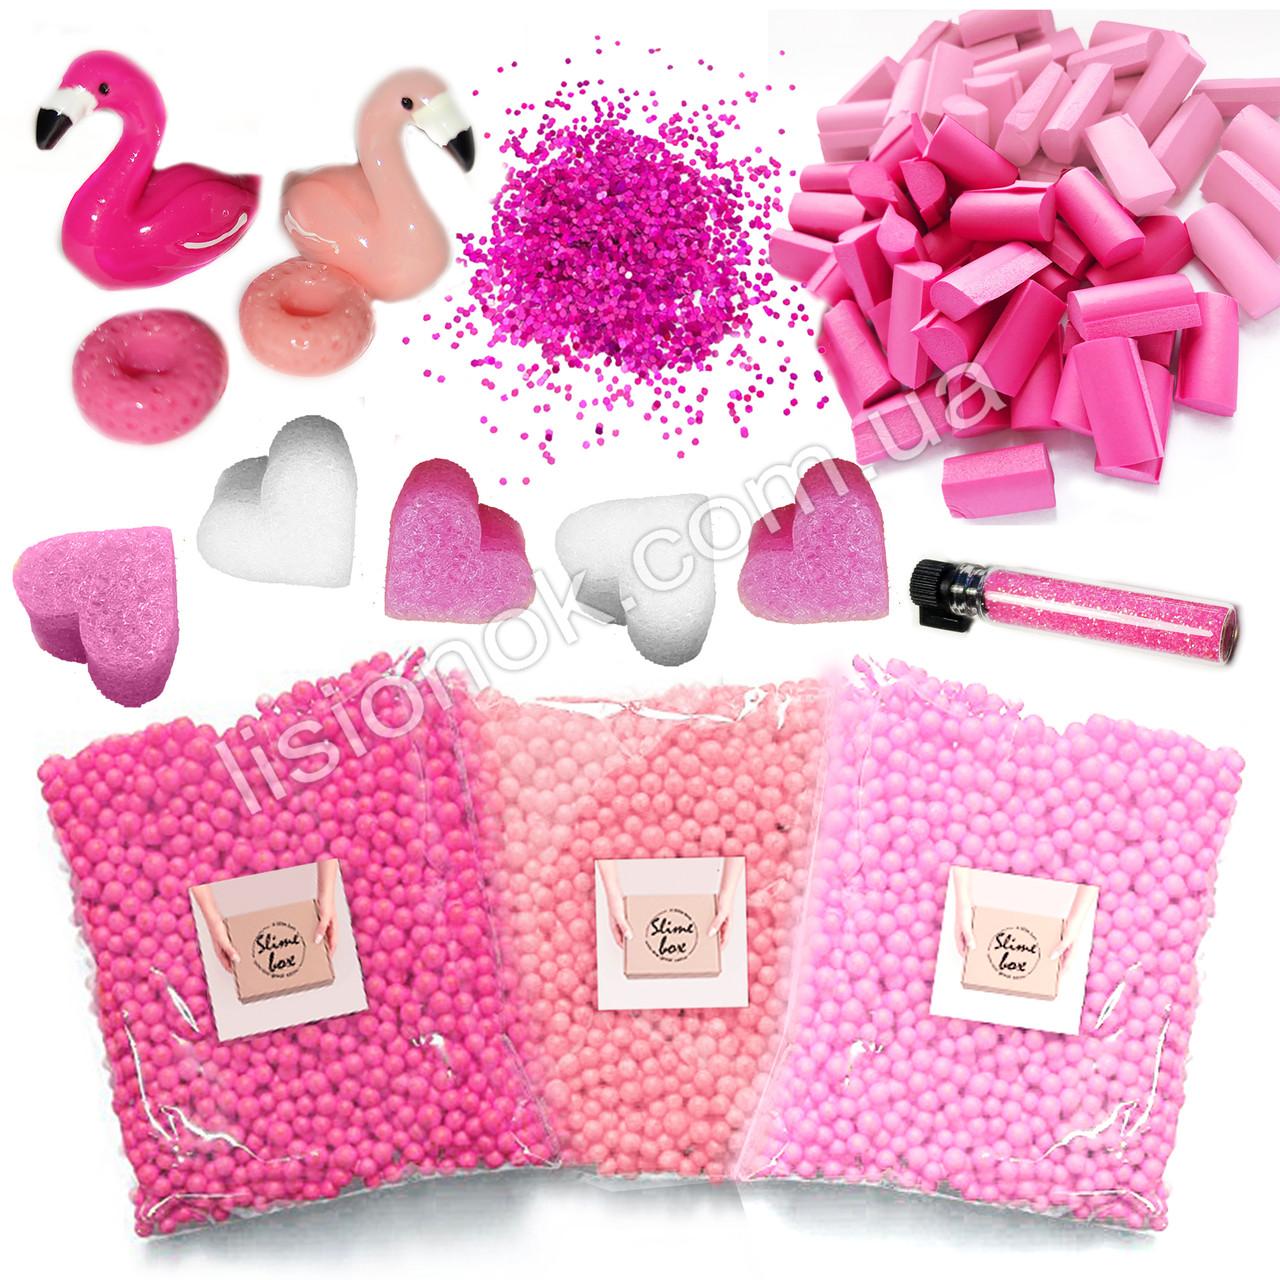 """Slime box """"Фламинго"""" набор добавок для слайма: шармики, пенопласт, фоам чанкс, глиттер, сердечки"""